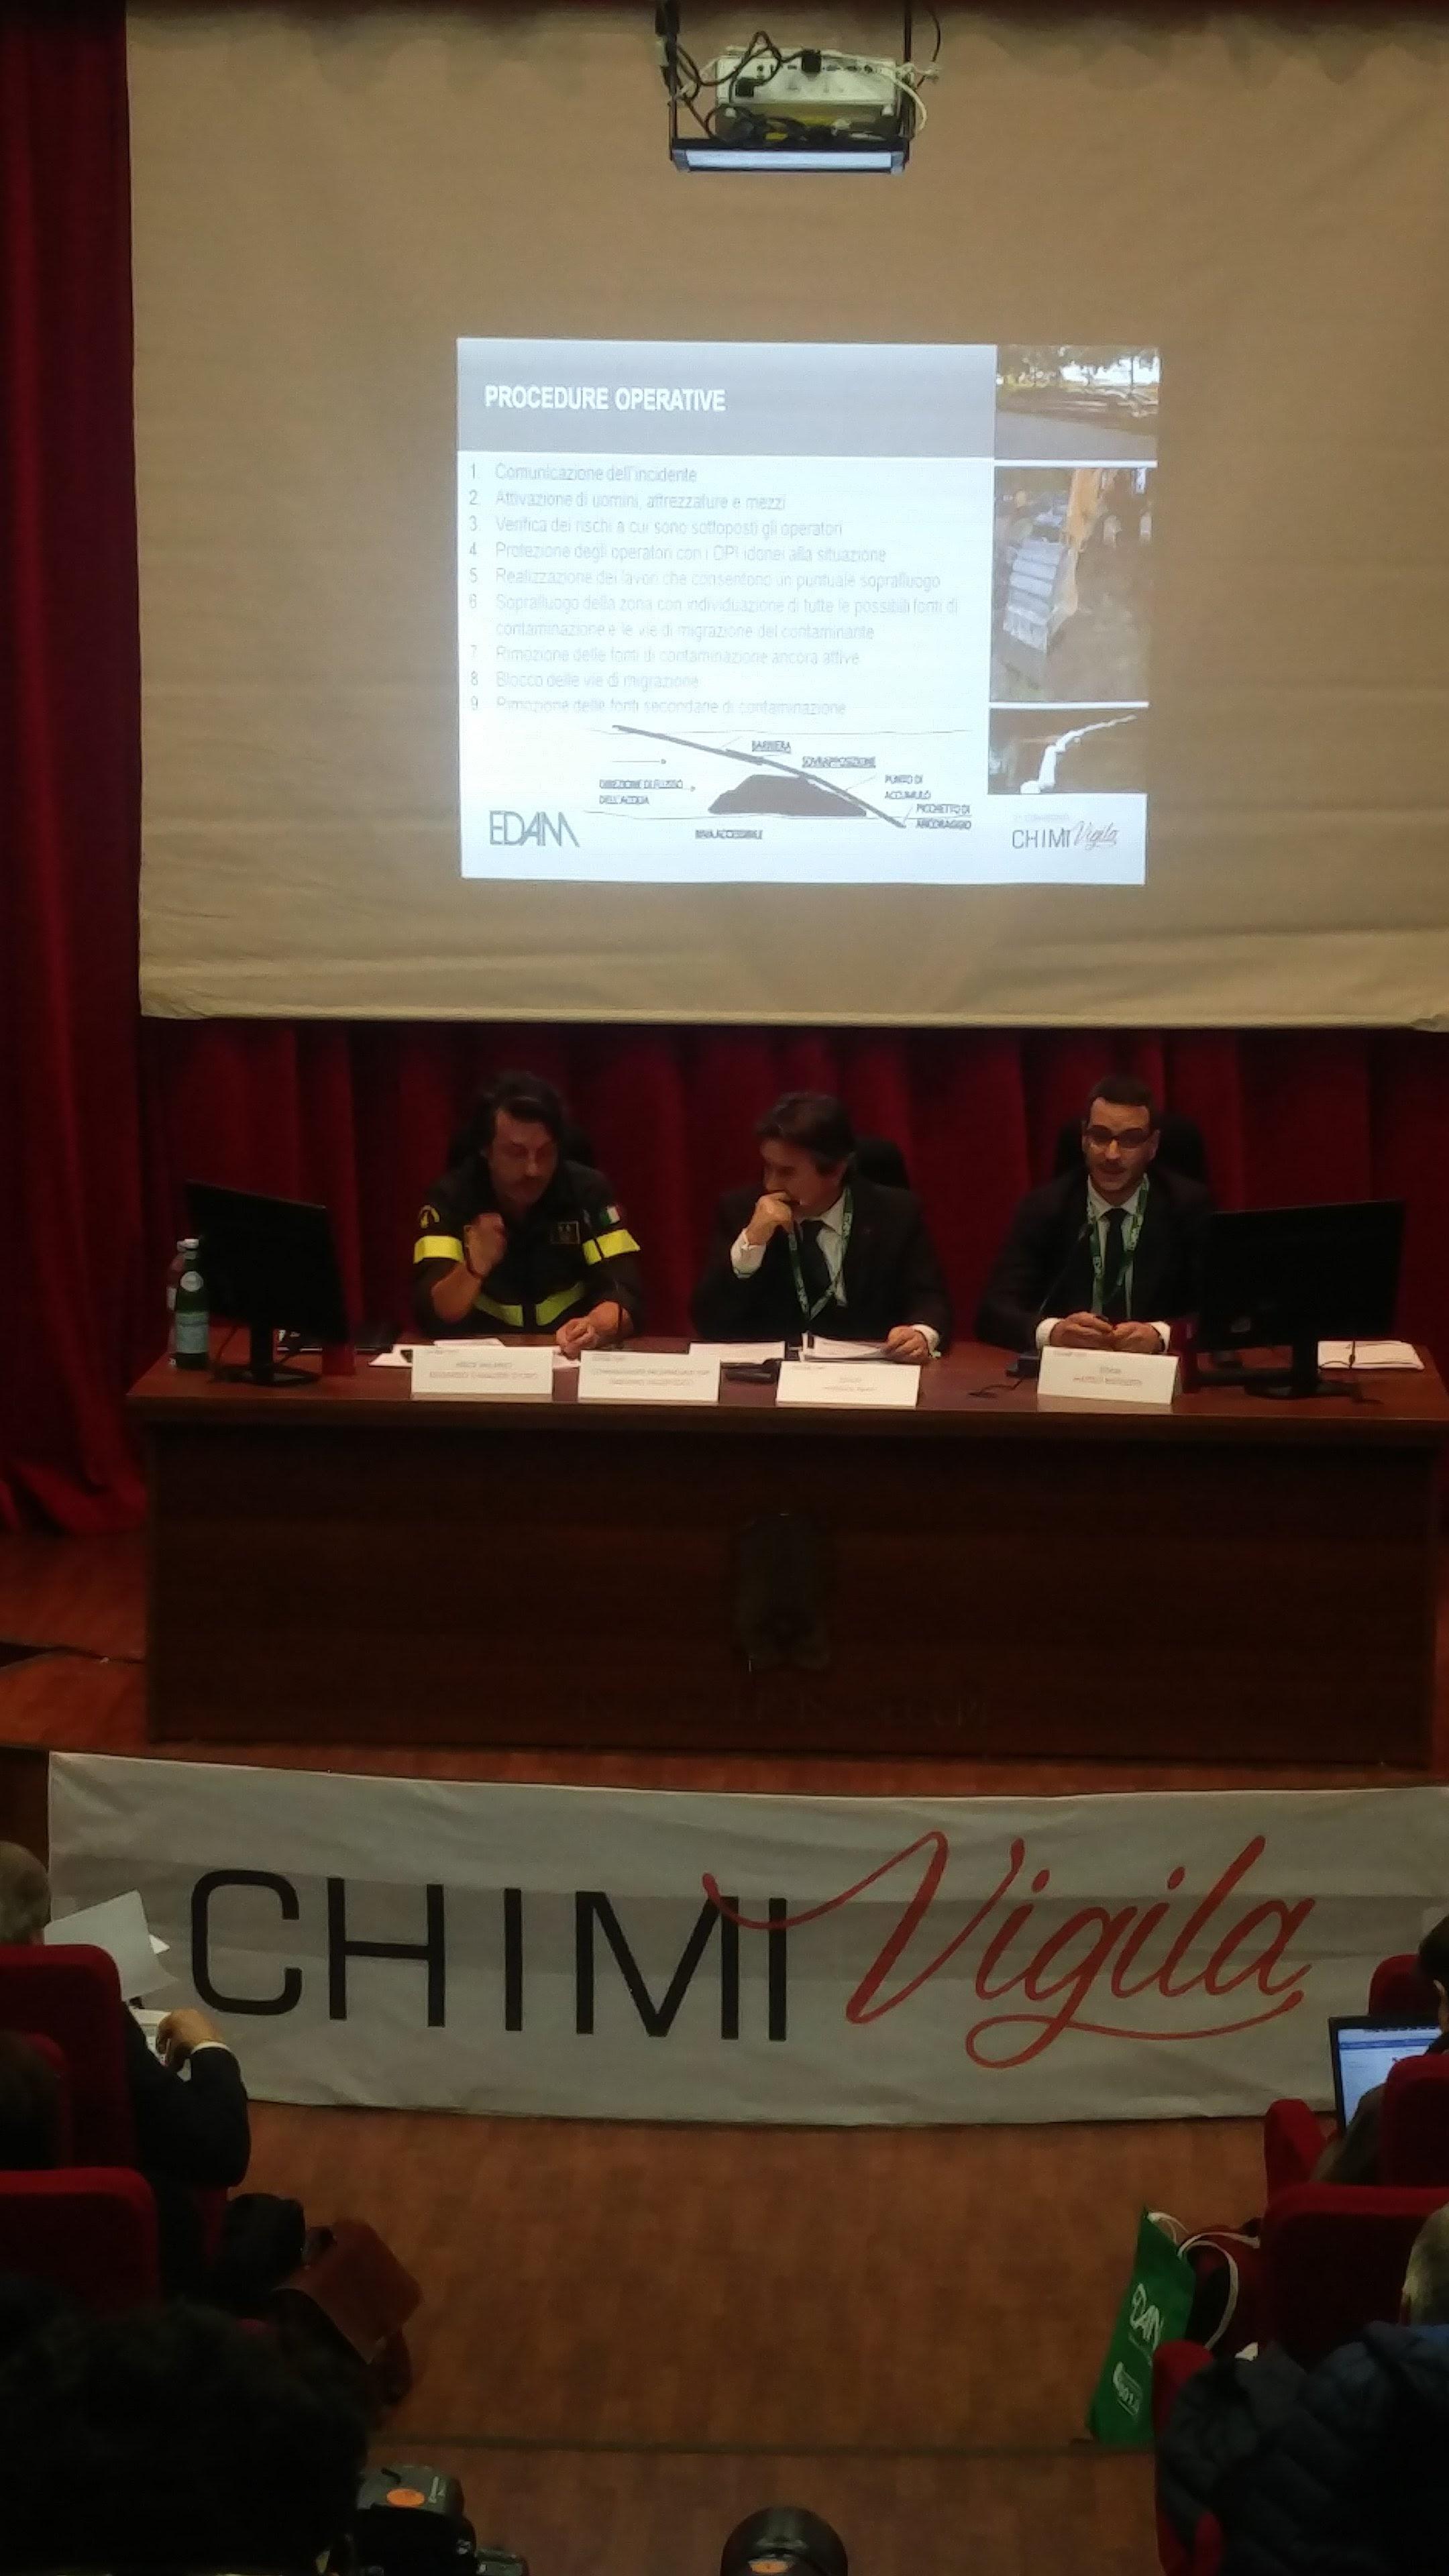 Matteo Bistoletti per Edam parla della difficolta di stabilire procedure operative in caso di disatri ambientali